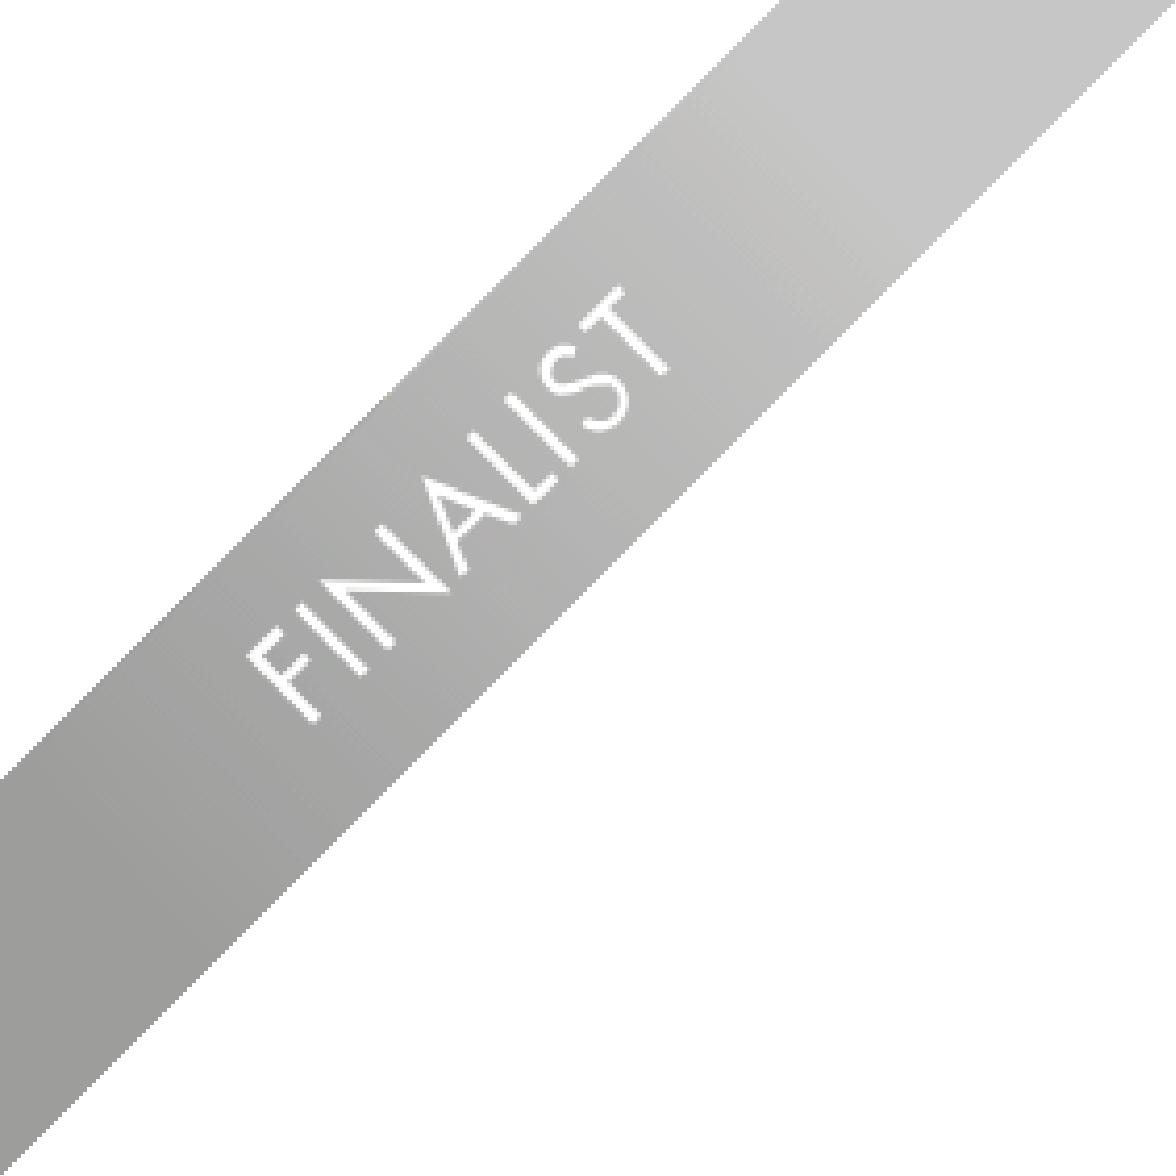 FinalistStripe